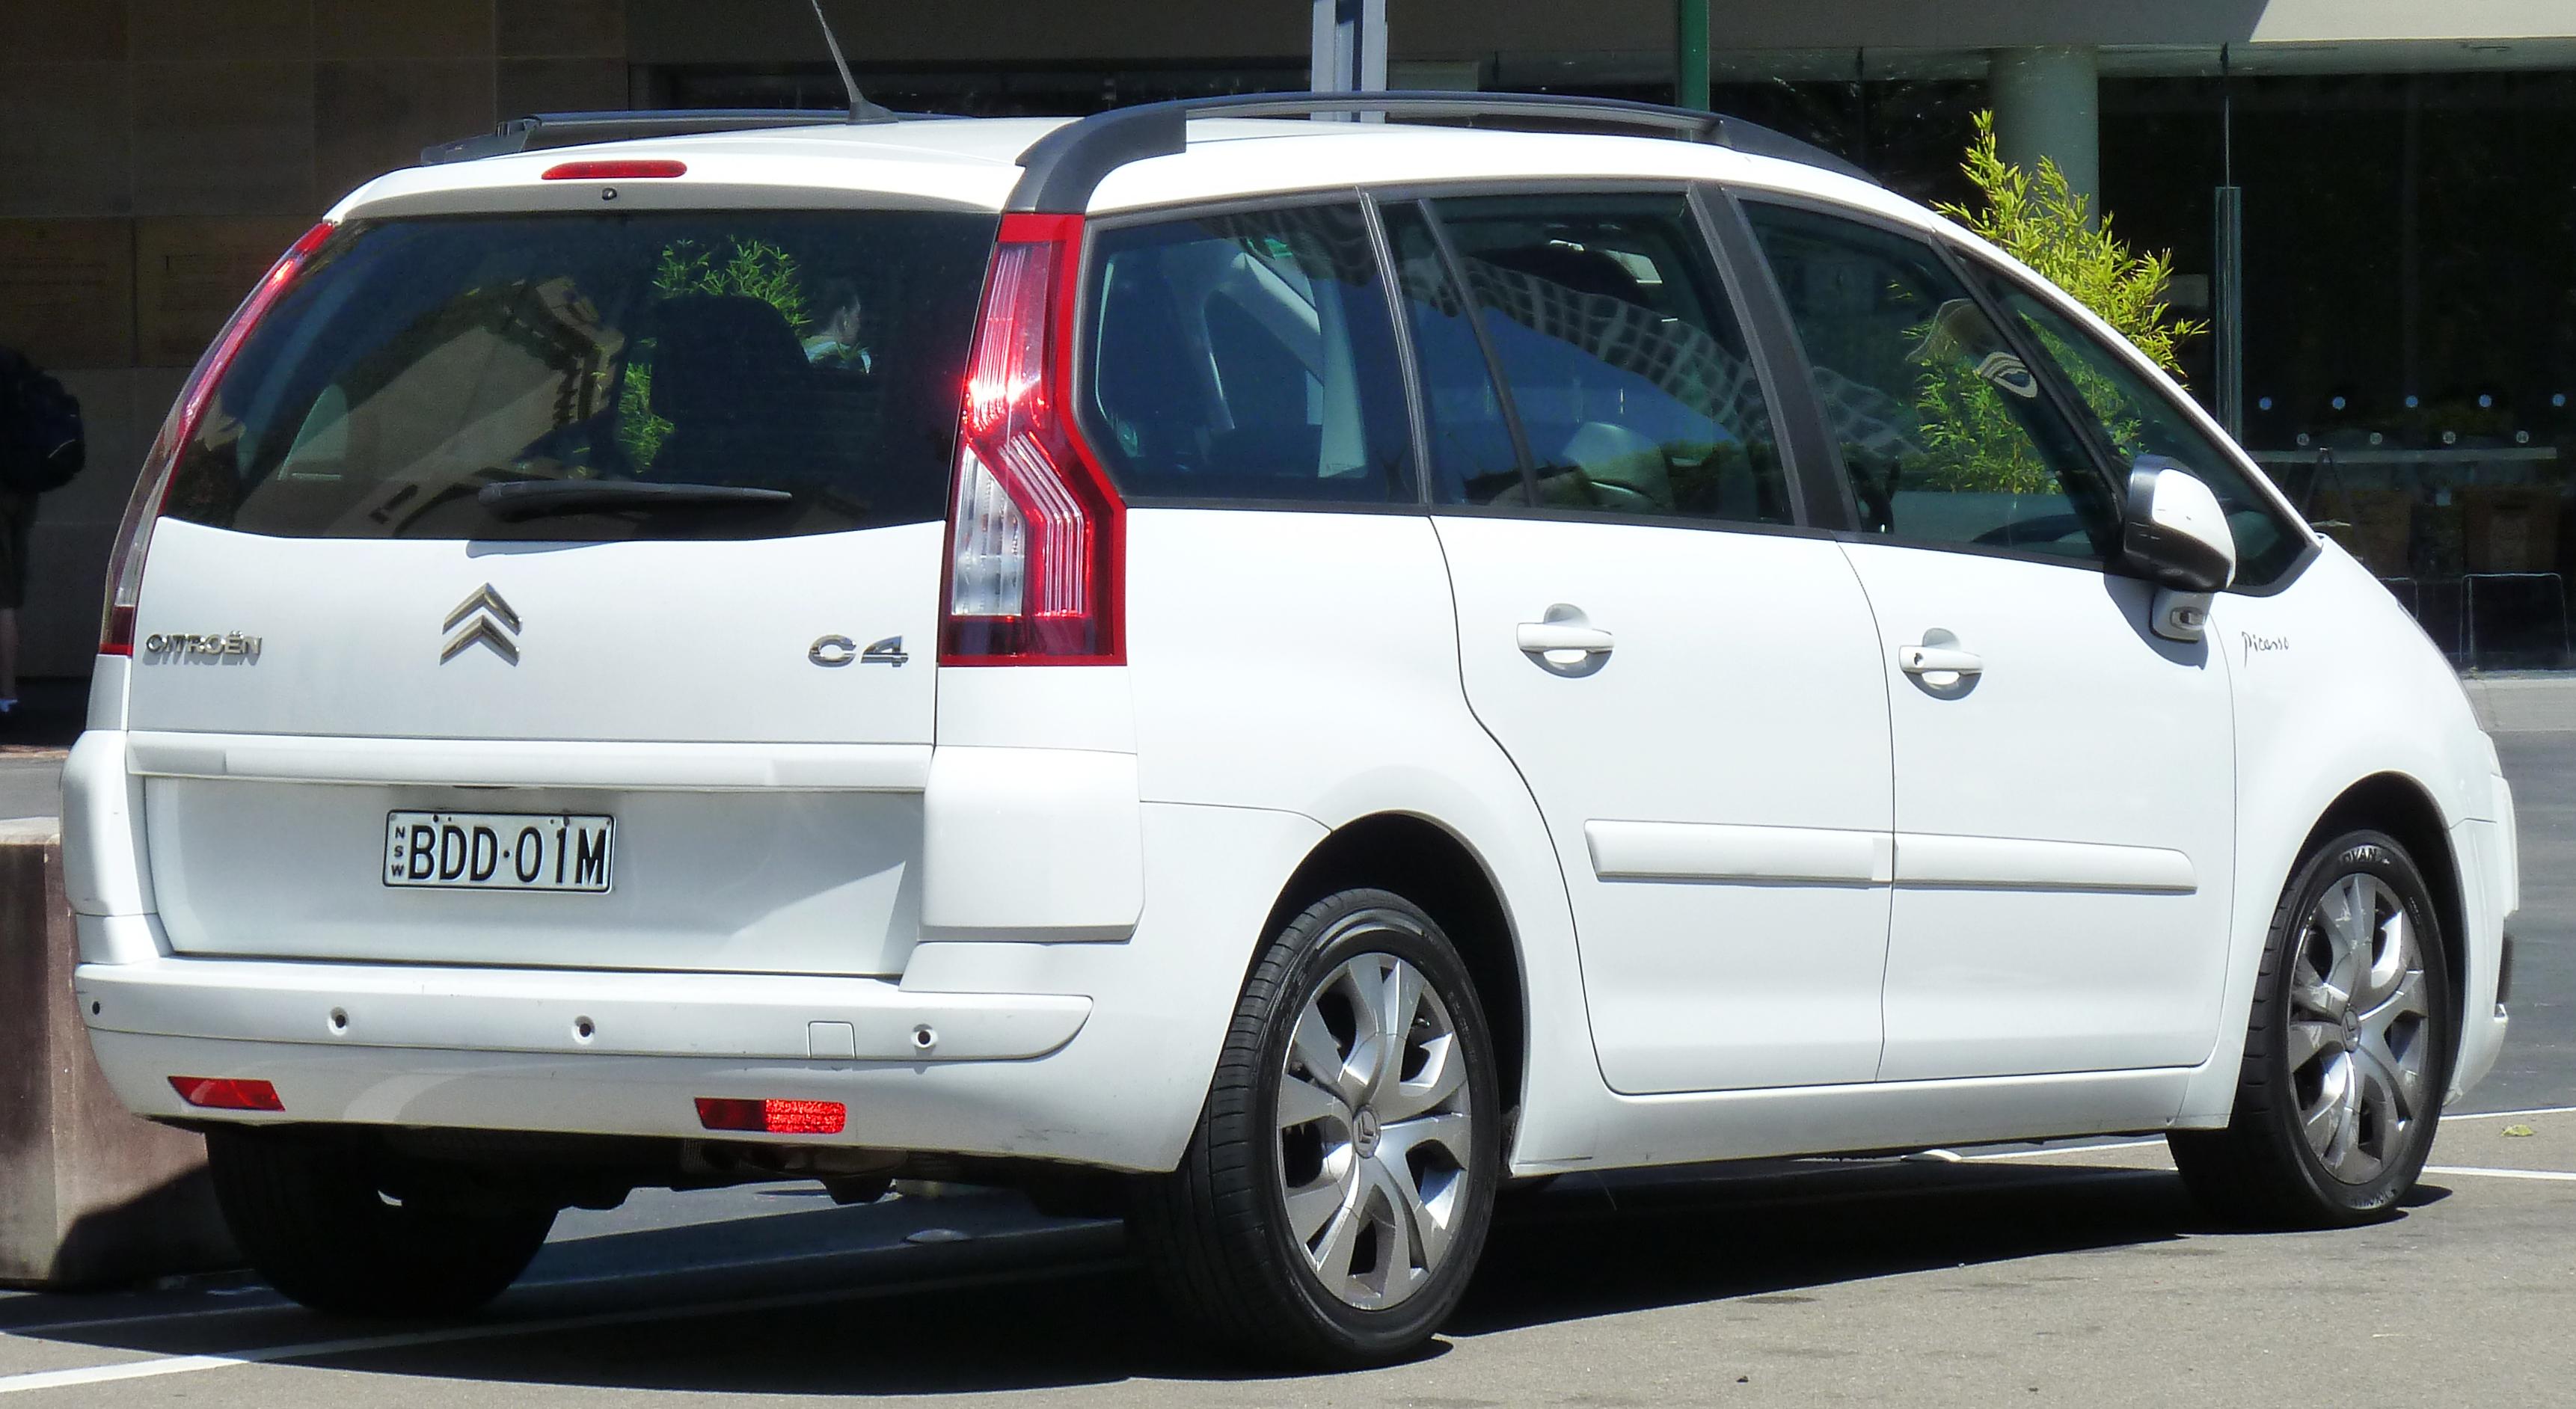 Výsledek obrázku pro Citroën Picasso